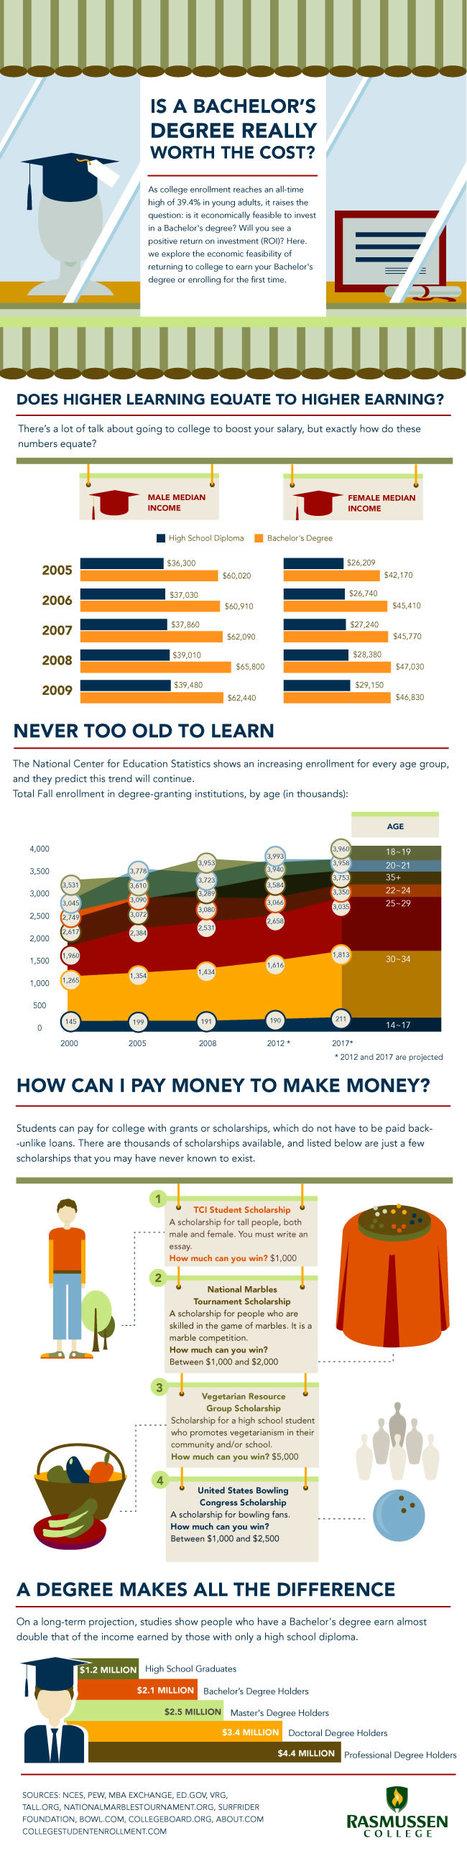 ¿Merece la pena una licenciatura? #infografia #infographic#education | Educación a Distancia y TIC | Scoop.it